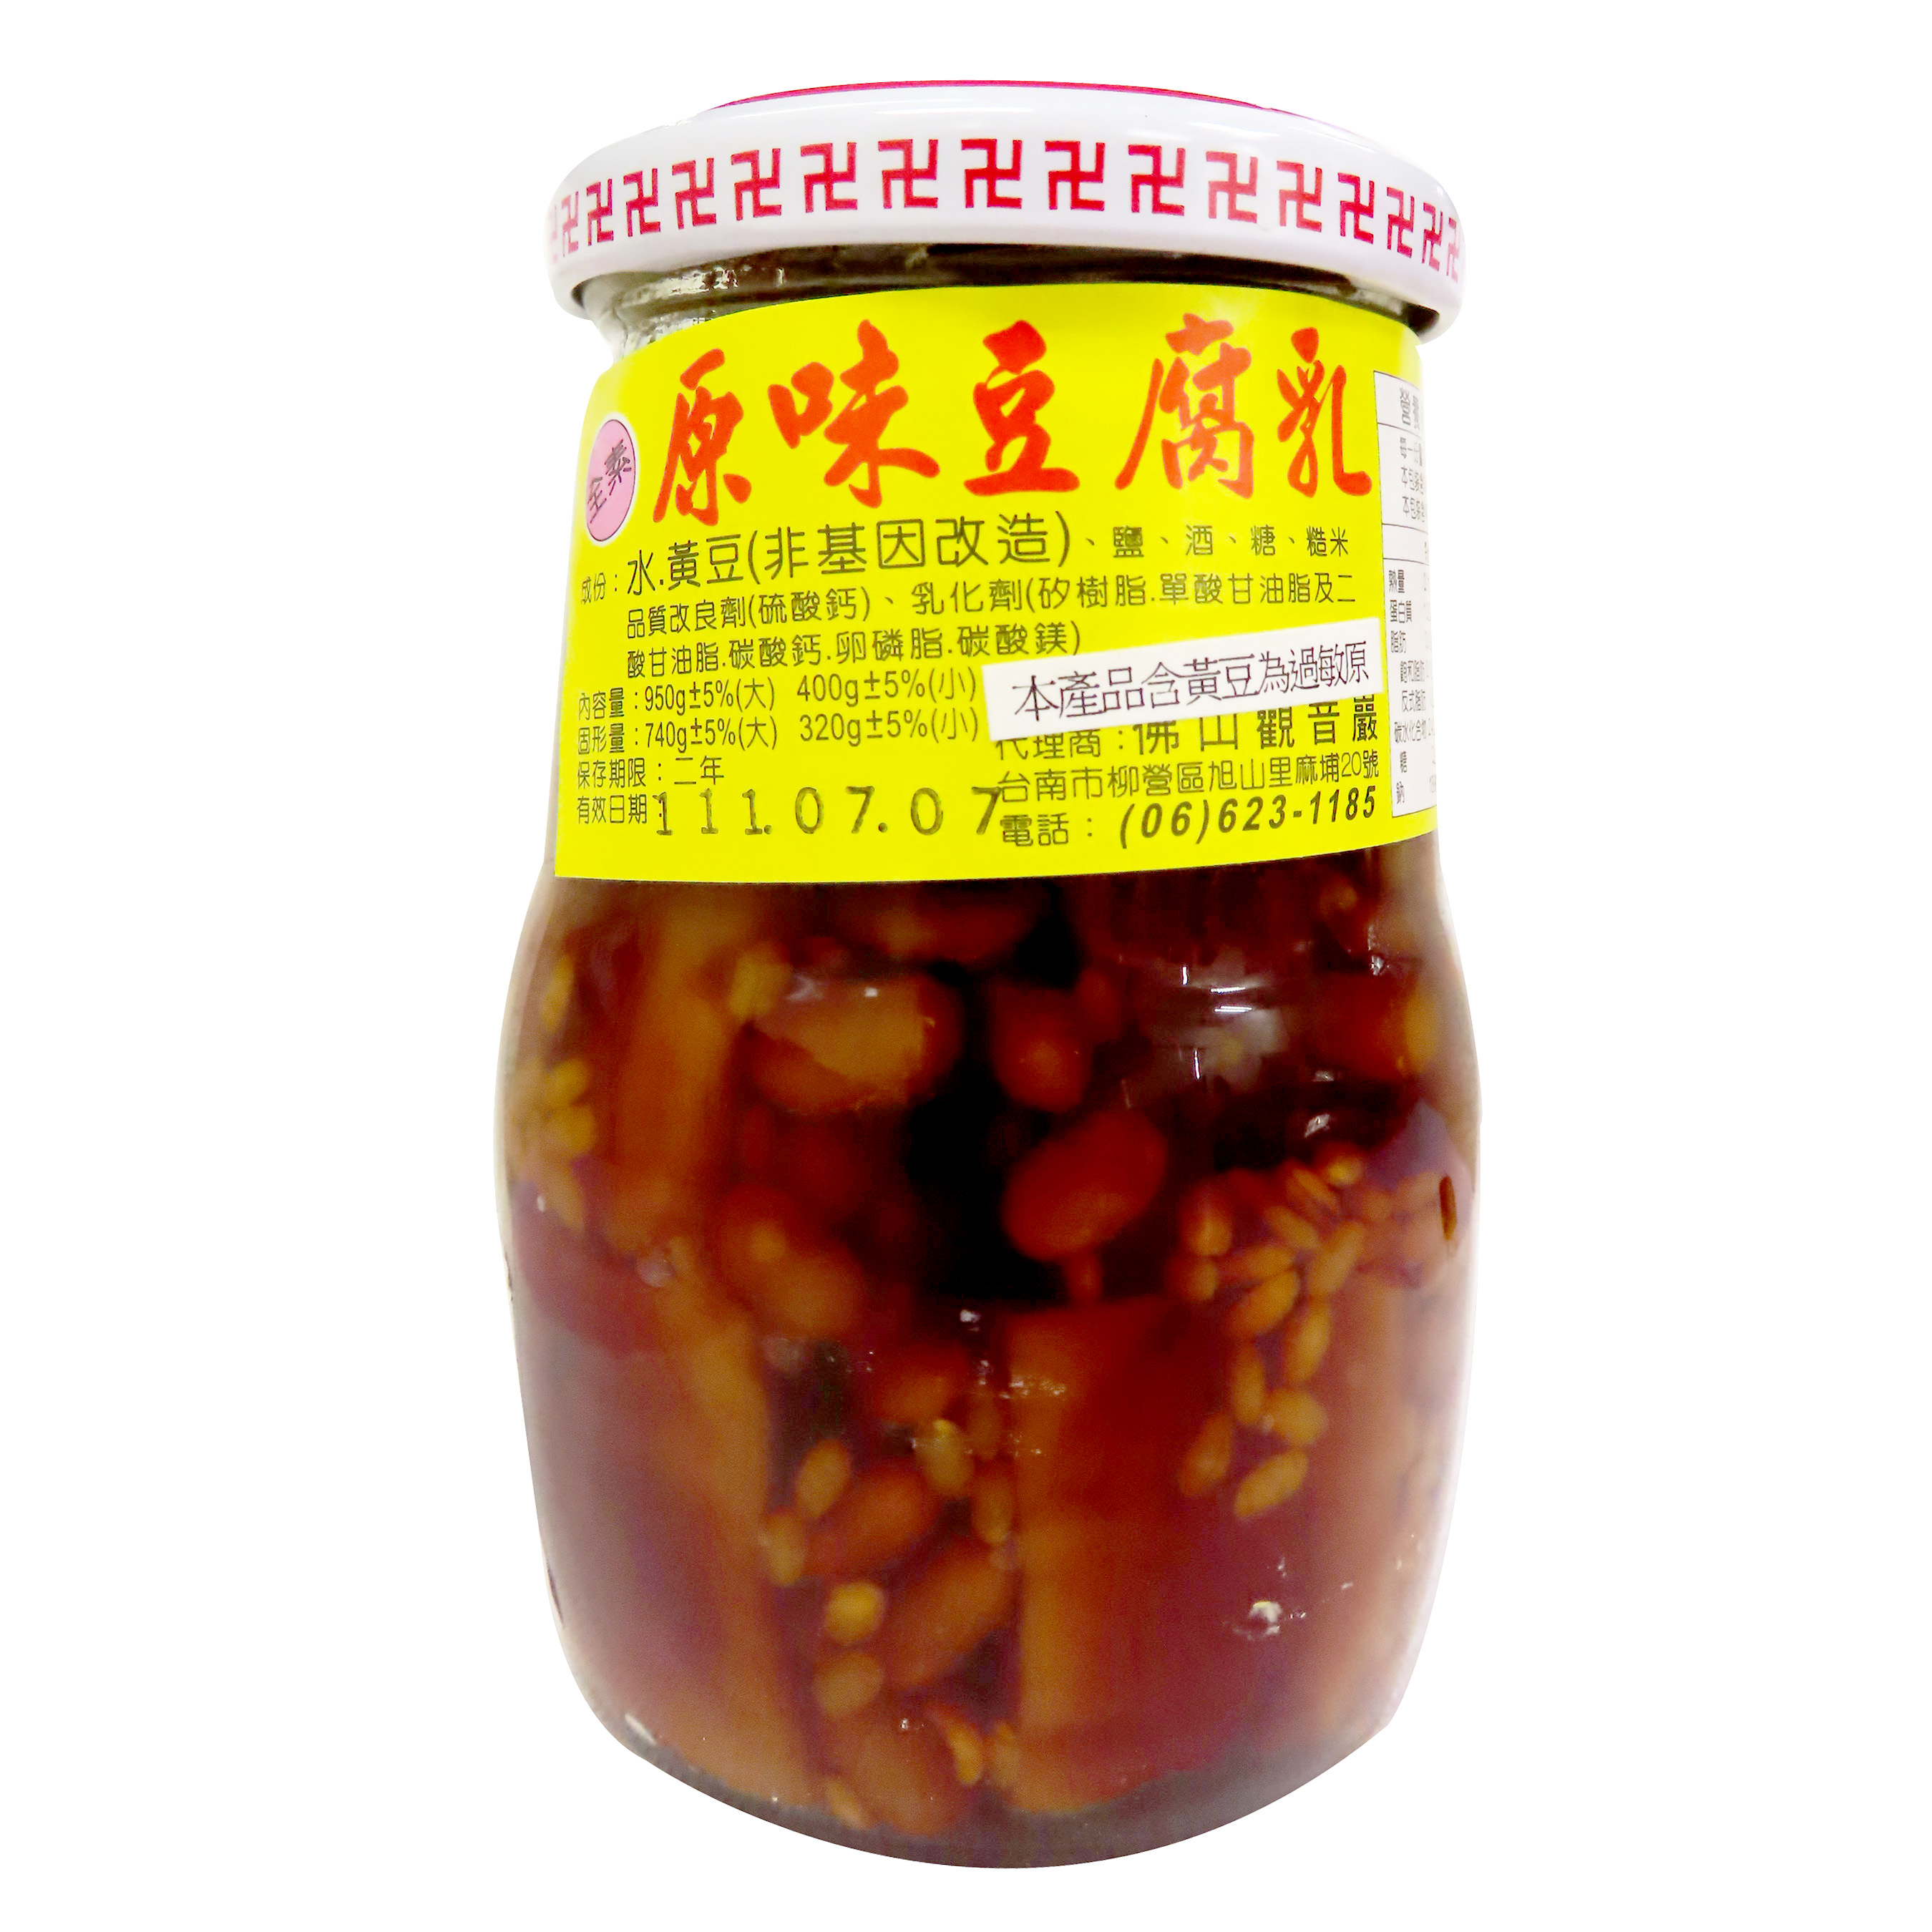 Image Bean Curd 佛山观音嚴 - 原味豆腐乳 400grams